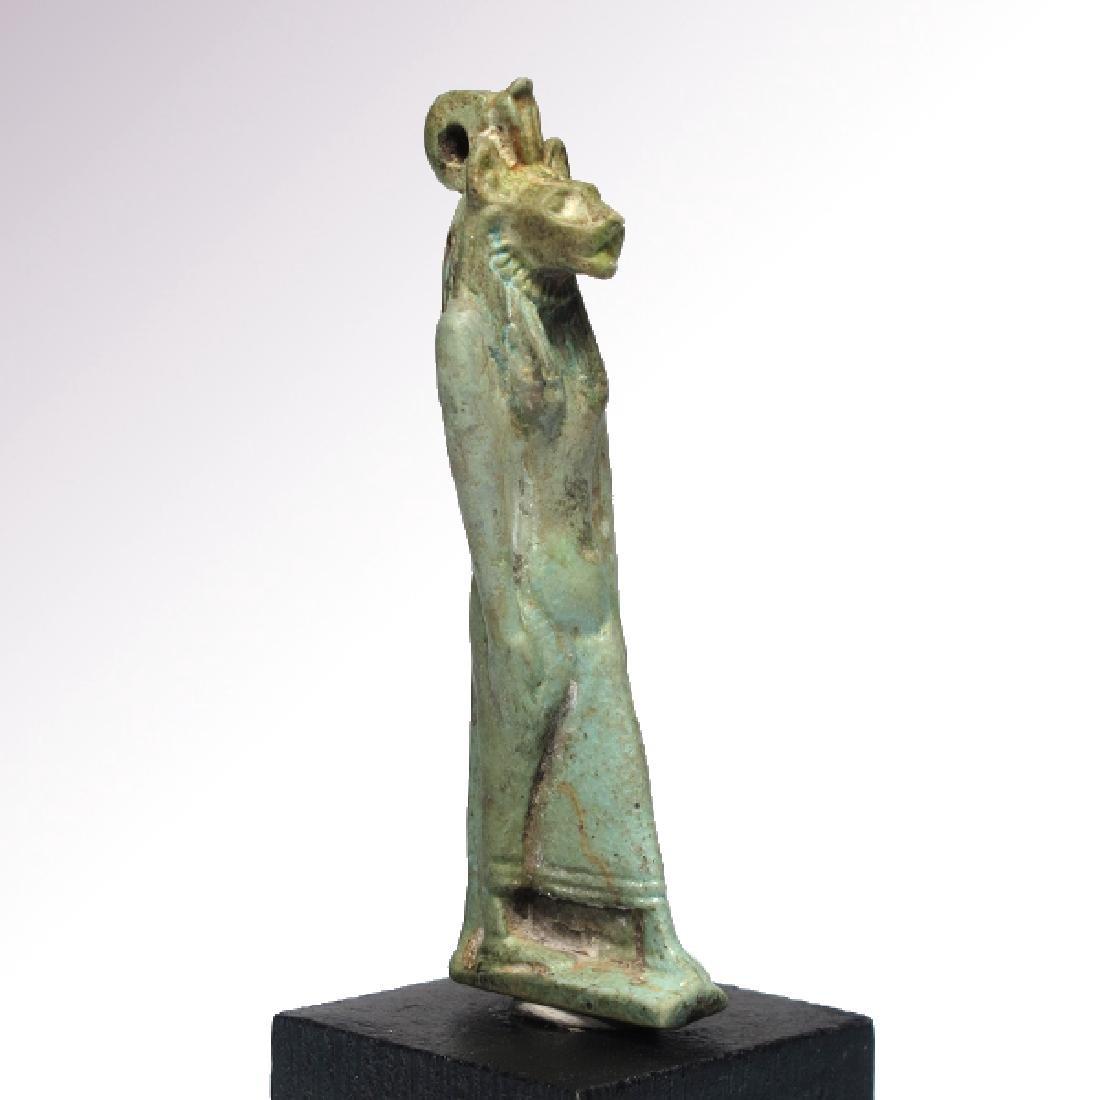 Large Egyptian Faience Amulet of Sekhmet, c. 750 B.C.